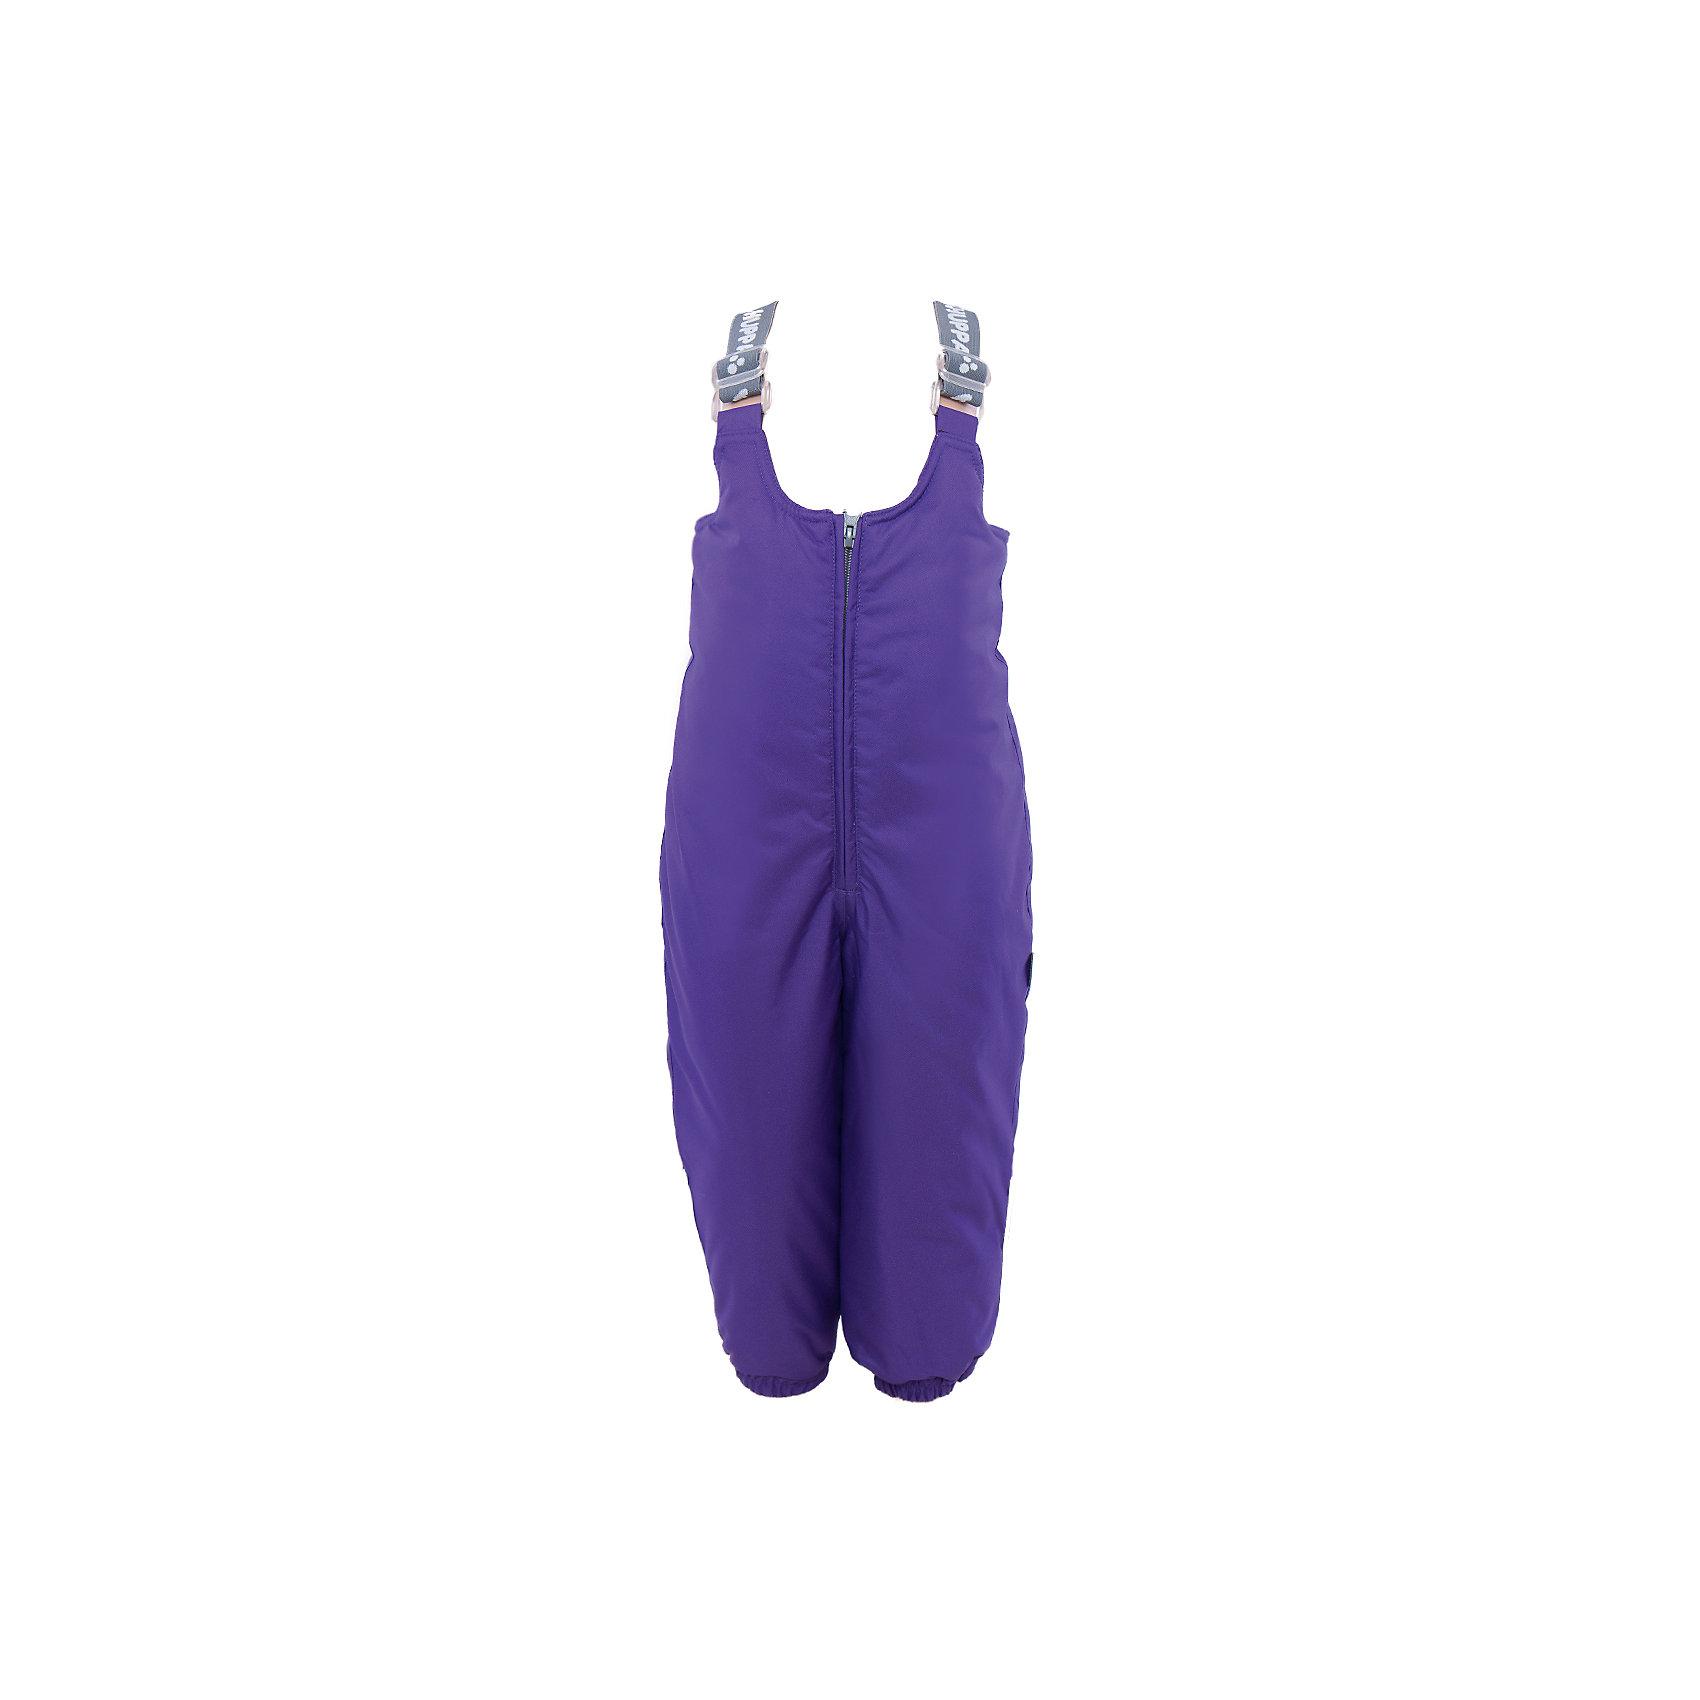 Брюки Sonny HuppaВерхняя одежда<br>Зимние брюки SONNY Huppa(Хуппа).<br><br>Утеплитель: 100% полиэстер, 160 гр.<br><br>Температурный режим: до -20 градусов. Степень утепления – средняя. <br><br>* Температурный режим указан приблизительно — необходимо, прежде всего, ориентироваться на ощущения ребенка. Температурный режим работает в случае соблюдения правила многослойности – использования флисовой поддевы и термобелья.<br><br>Изготовлены из качественных долговечных материалов. Они прекрасно подойдут для прогулок зимой и активного отдыха.<br><br>Особенности:<br>-дышащая водоотталкивающая мембрана, которая не допустит попадание воды и ветра под одежду и выведет лишнюю влагу<br>-утеплитель HuppaTherm неприхотлив в уходе. Быстро восстанавливает объем<br>-фланелевая подкладка из натурального хлопка, приятного телу<br>-проклеенные водостойкой лентой швы<br>-регулируемые подтяжки<br>-резинка на манжетах и поясе<br>-светоотражающие элементы <br><br>Дополнительная информация:<br>Материал: 100% полиэстер<br>Подкладка: фланель - 100% хлопок <br>Цвет: лиловый<br><br>Вы можете приобрести брюки SONNY Huppa(Хуппа) в нашем интернет-магазине.<br><br>Ширина мм: 215<br>Глубина мм: 88<br>Высота мм: 191<br>Вес г: 336<br>Цвет: фиолетовый<br>Возраст от месяцев: 36<br>Возраст до месяцев: 48<br>Пол: Женский<br>Возраст: Детский<br>Размер: 104,80,86,92,98<br>SKU: 4928450